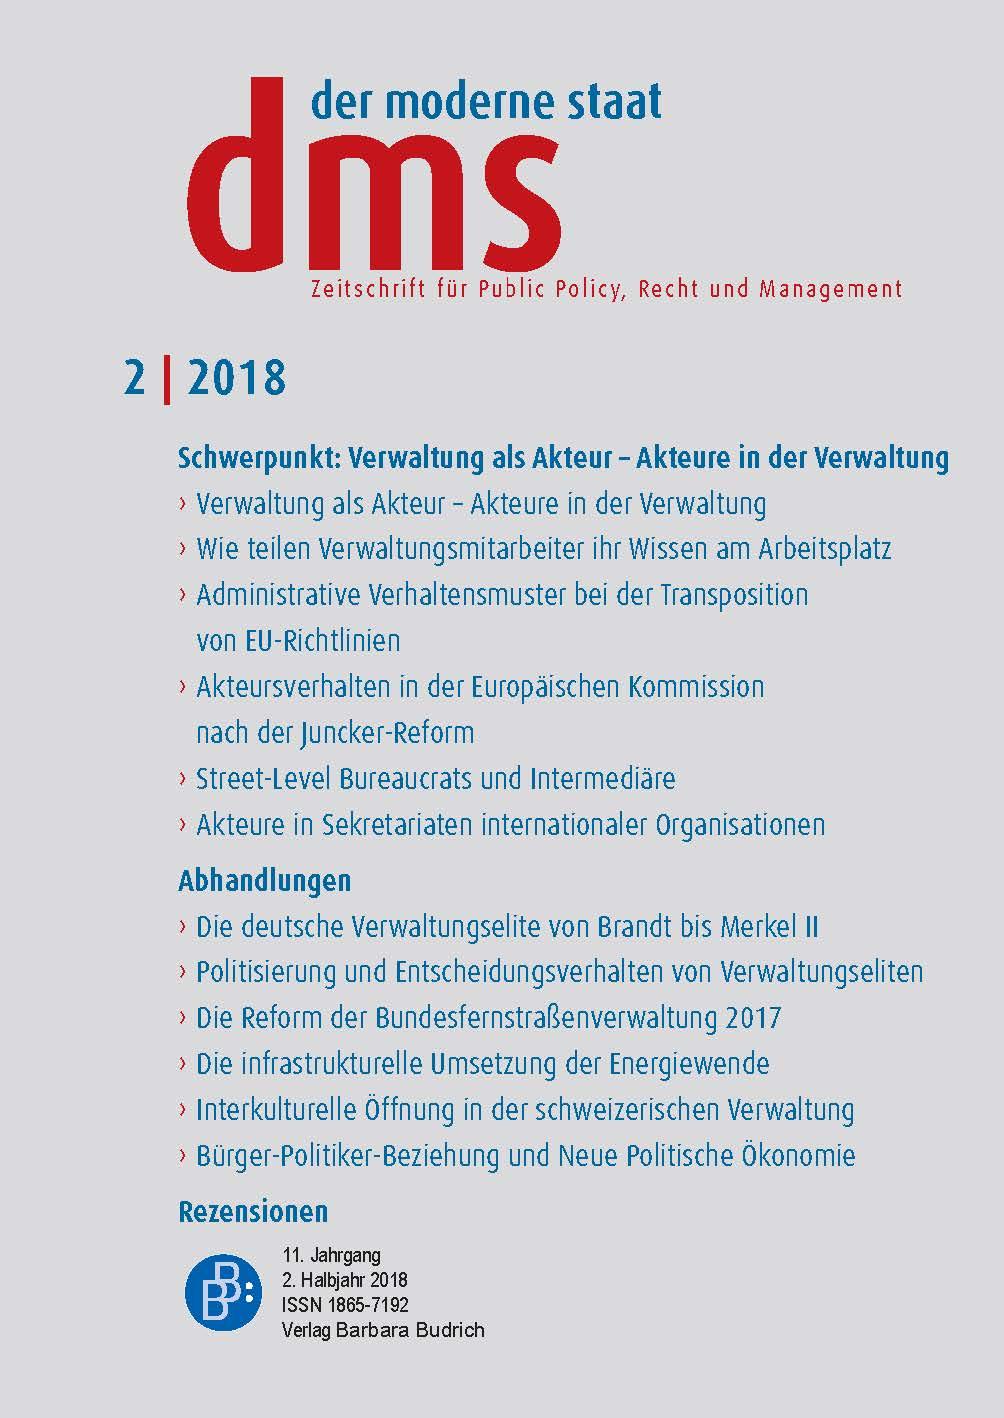 dms – der moderne staat – Zeitschrift für Public Policy, Recht und Management 2-2018: Verwaltung als Akteur – Akteur in der Verwaltung